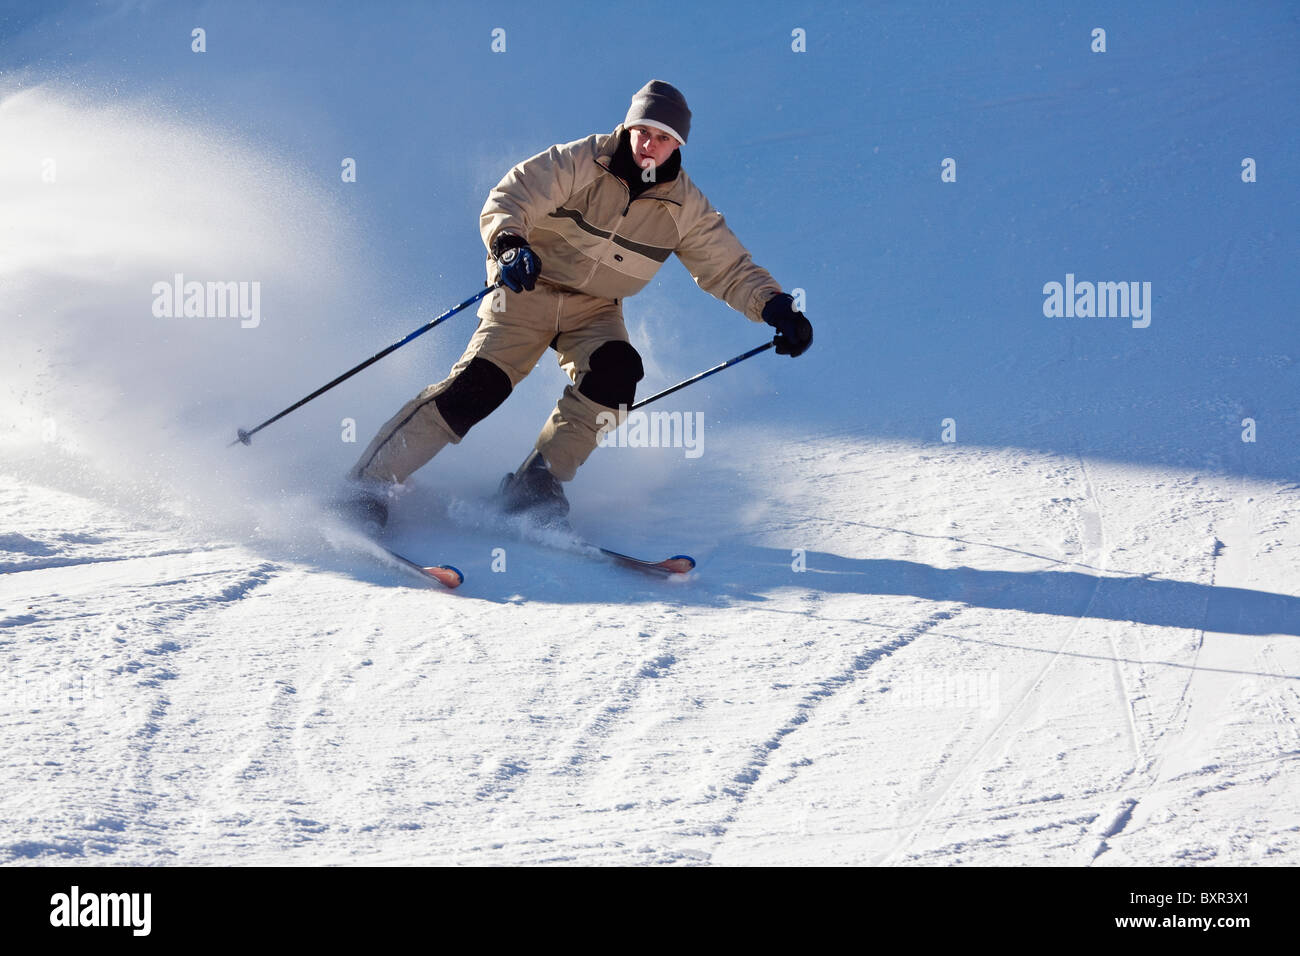 Man skier skiing fast downhill on snow ski slopes. Austria Europe. - Stock Image